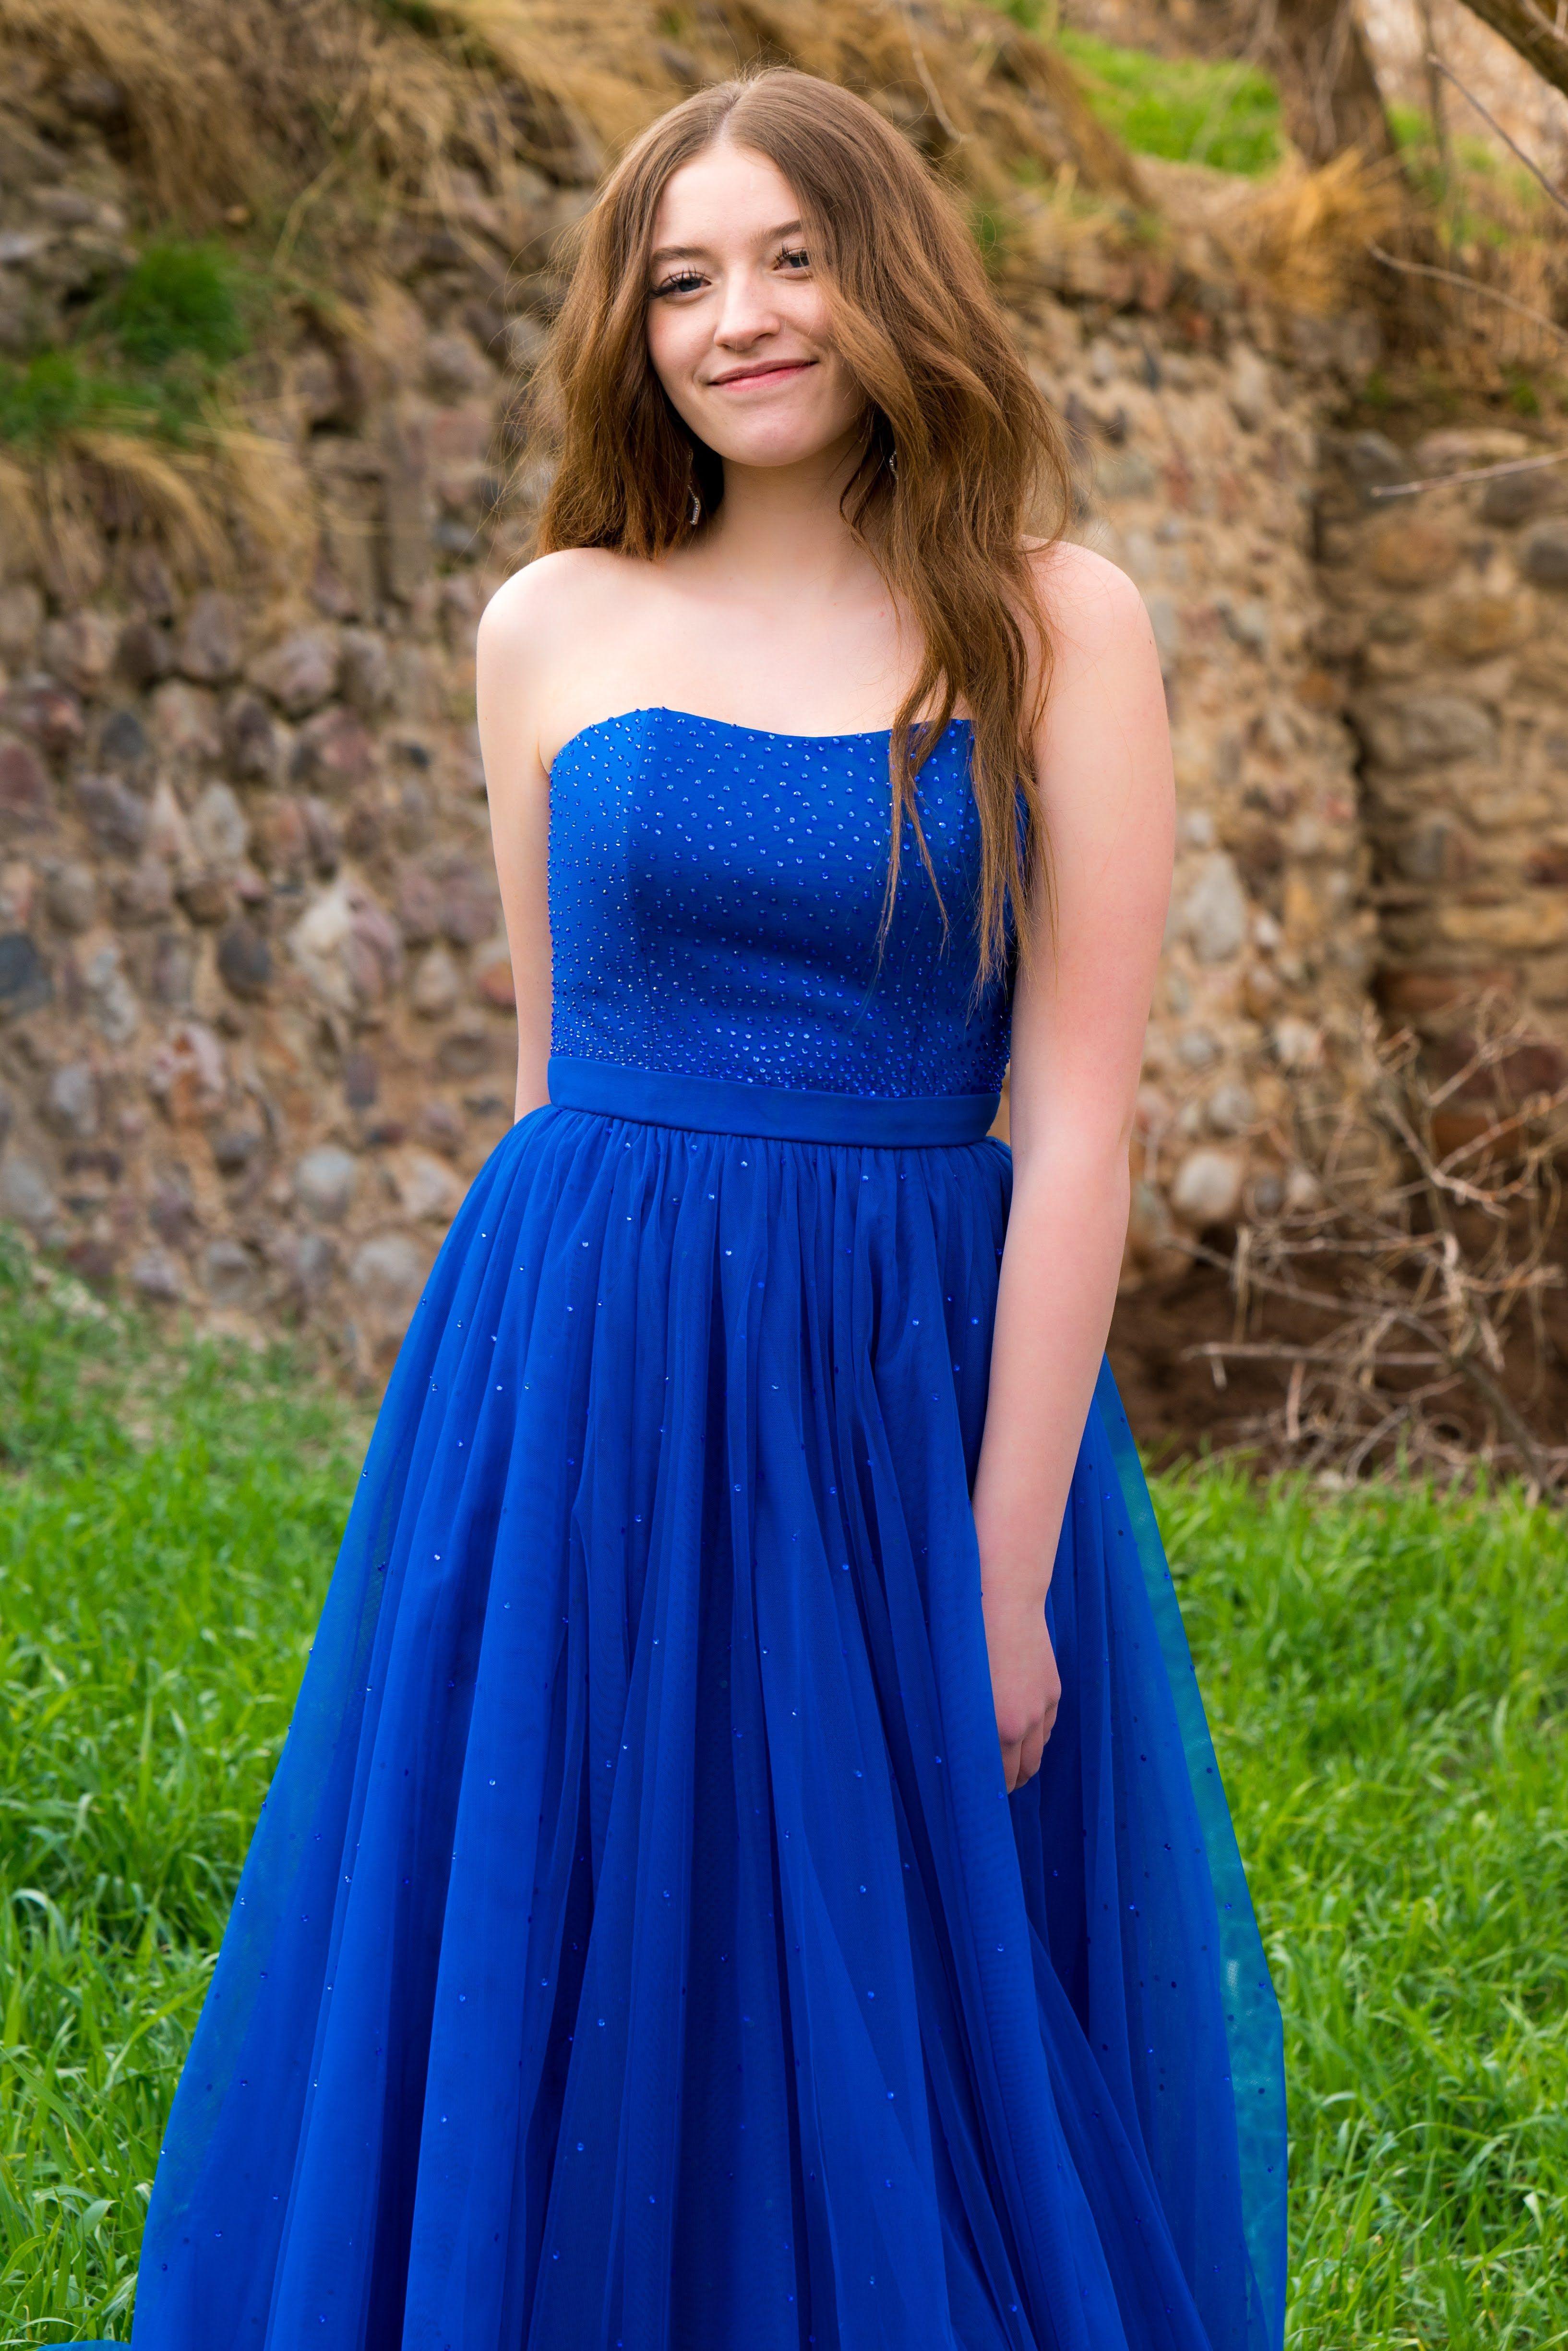 Cool Prom Dresses in Utah